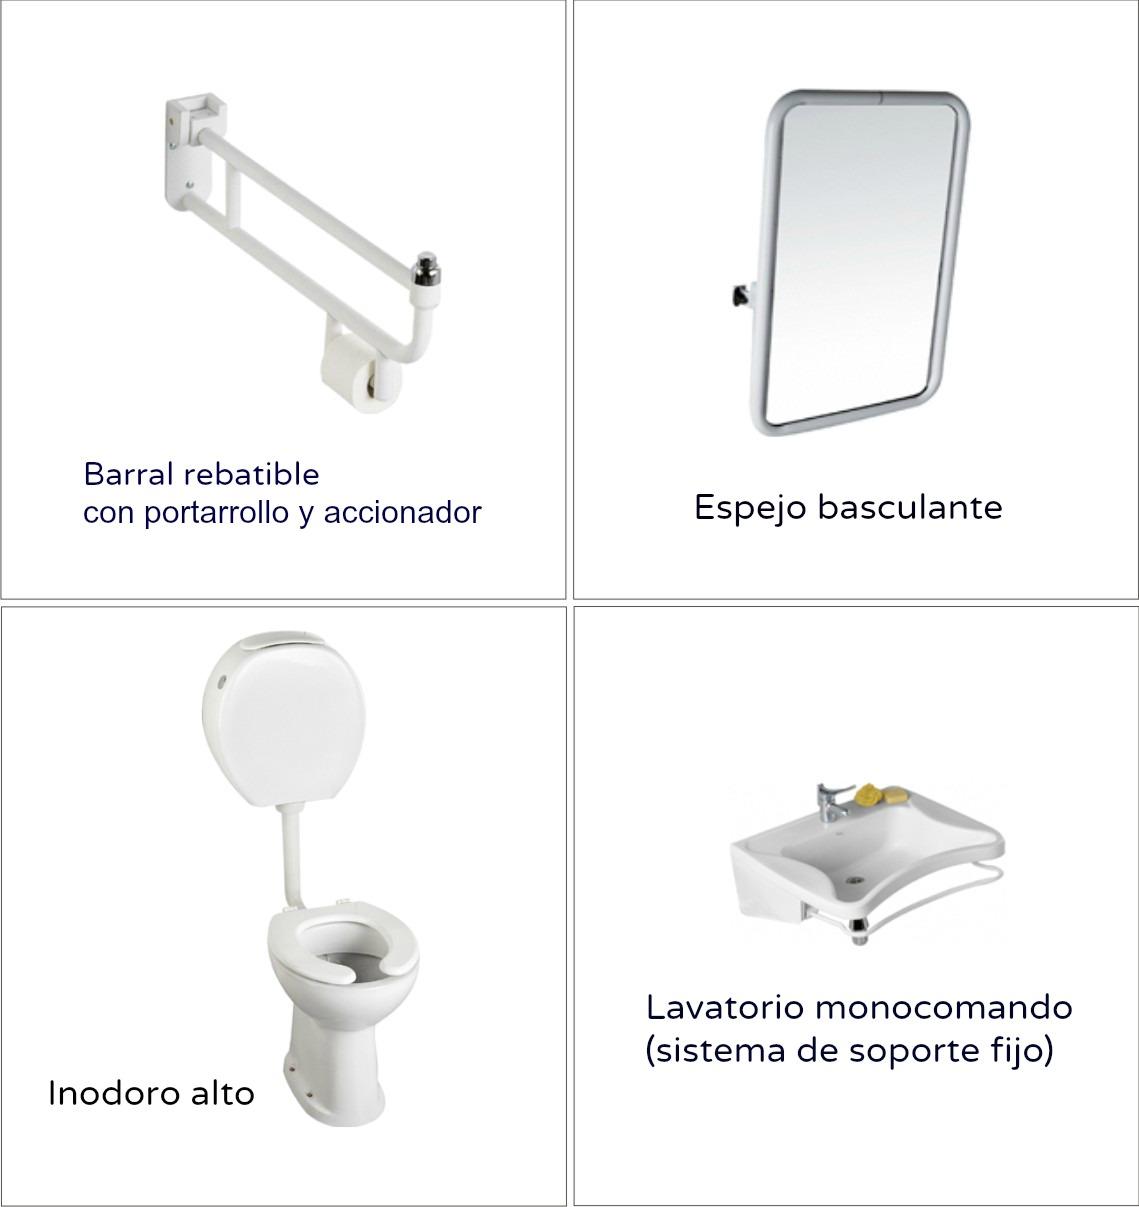 Contigiani espacio l nea sanitaria ferrum para personas for Inodoro para discapacitados ferrum